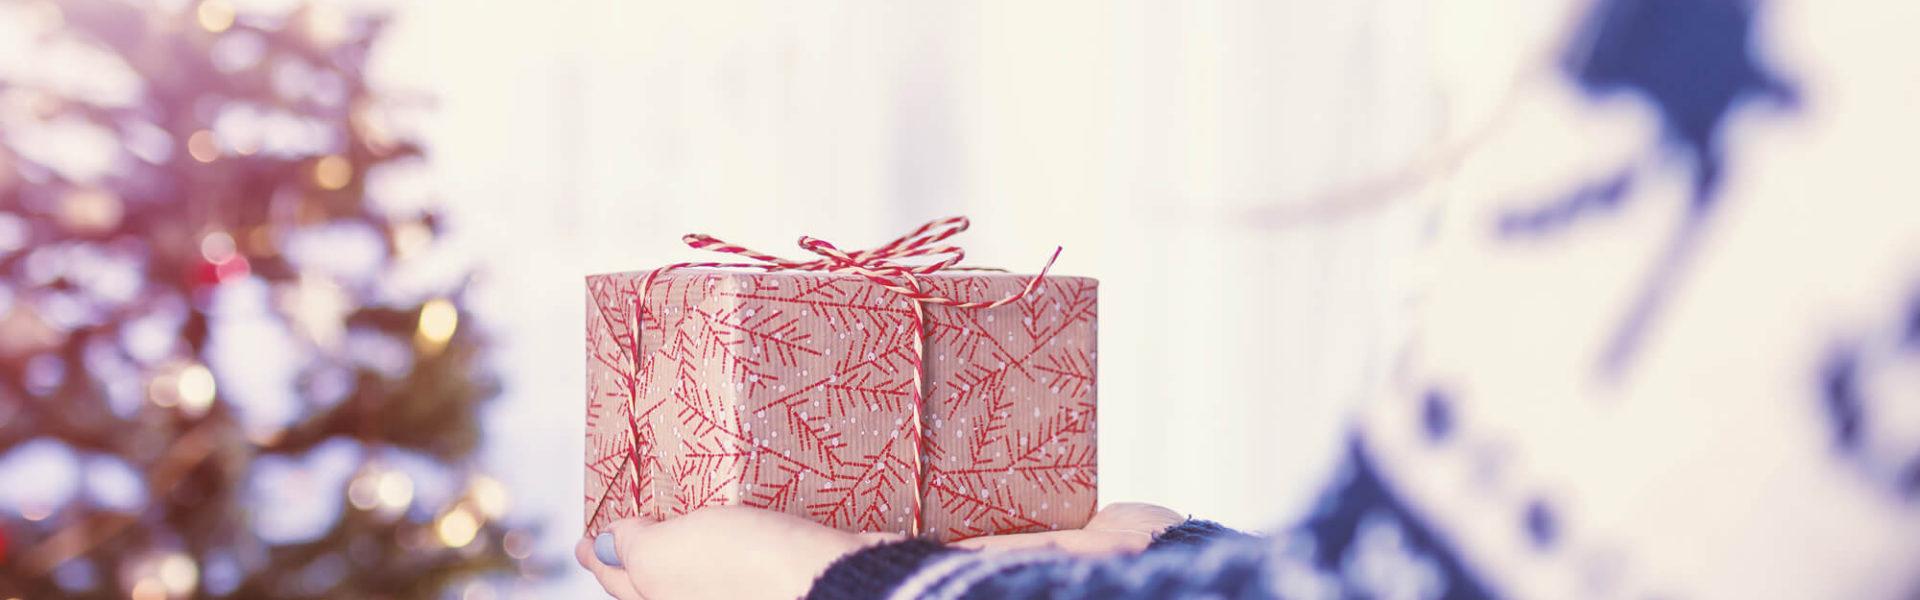 Navidad-Dejad-que-triunfe-el-amor-Alice-in-beautyland-Gift